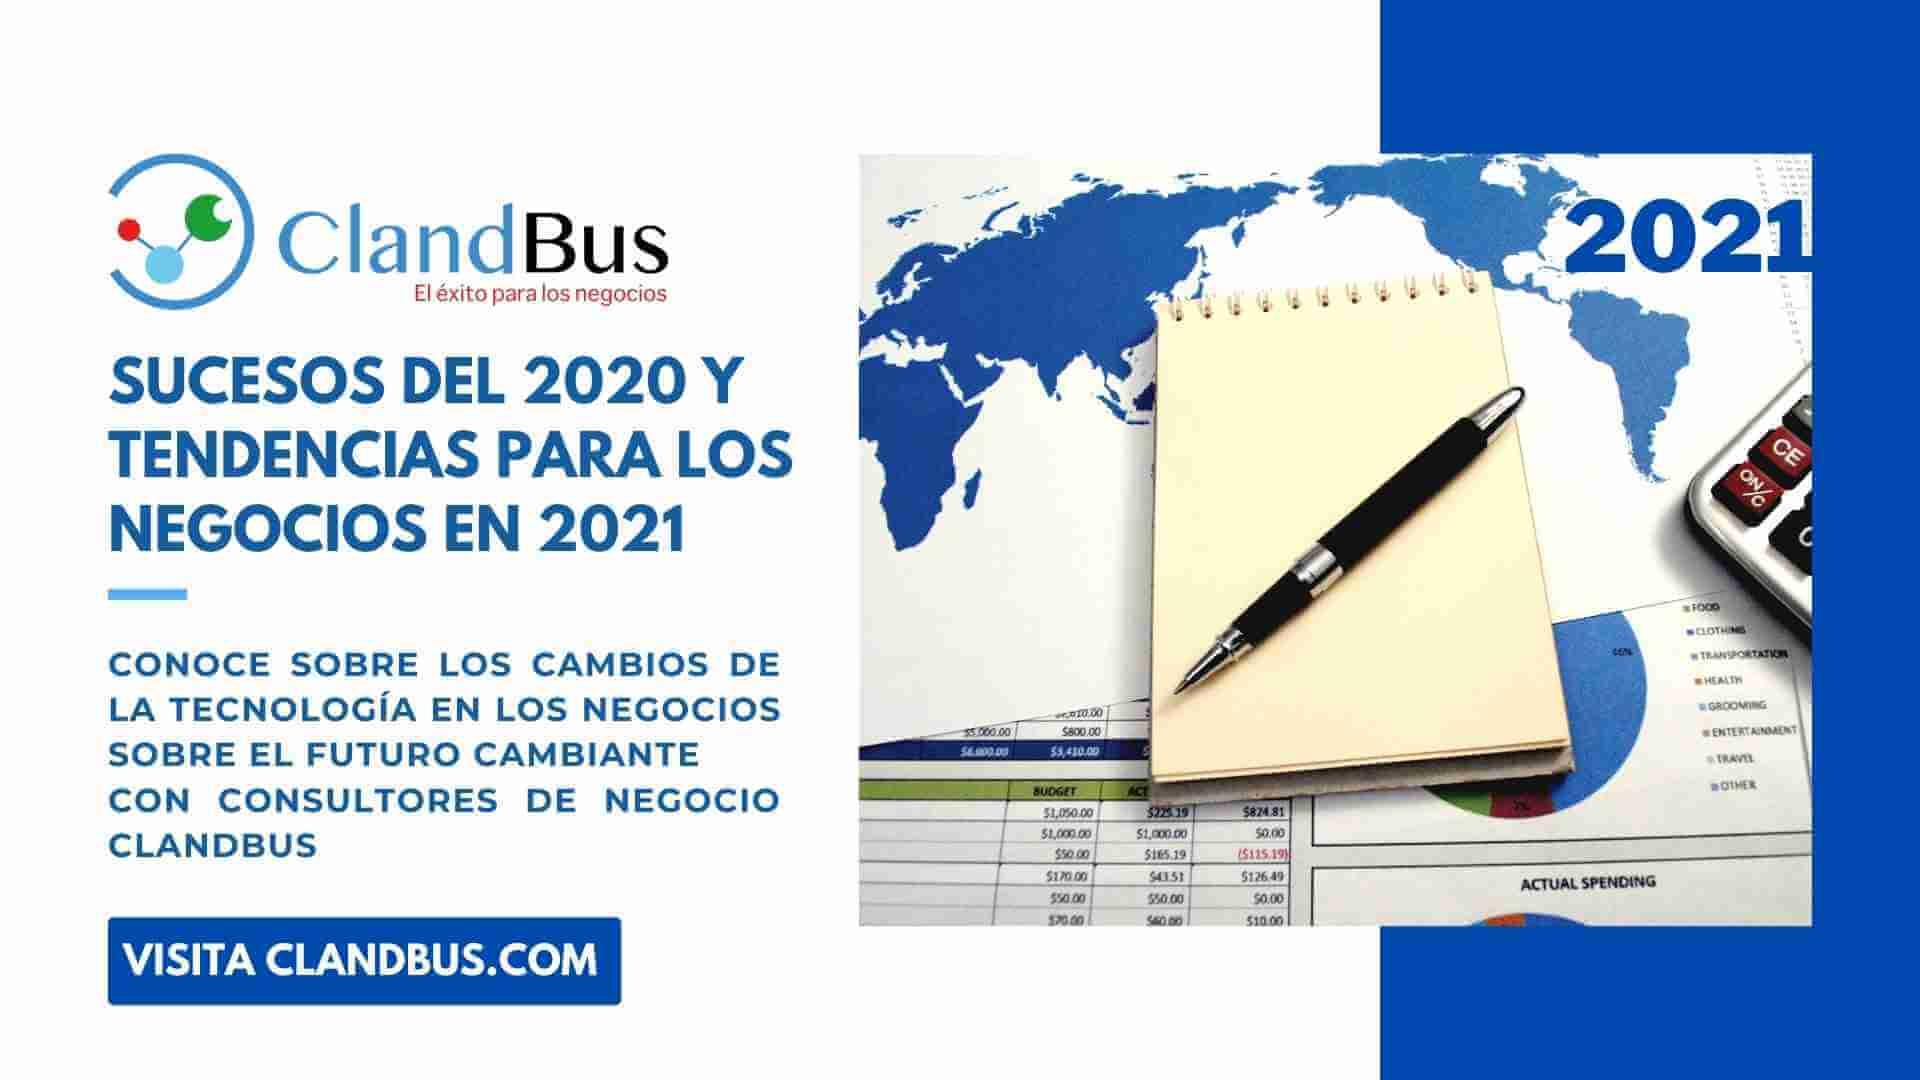 Tendencias para el 2021 - Mejore sus procesos y consiga ajustarse a las tendencias Y futuros cambiantes con ayuda de Consultores Certificados ClandBus